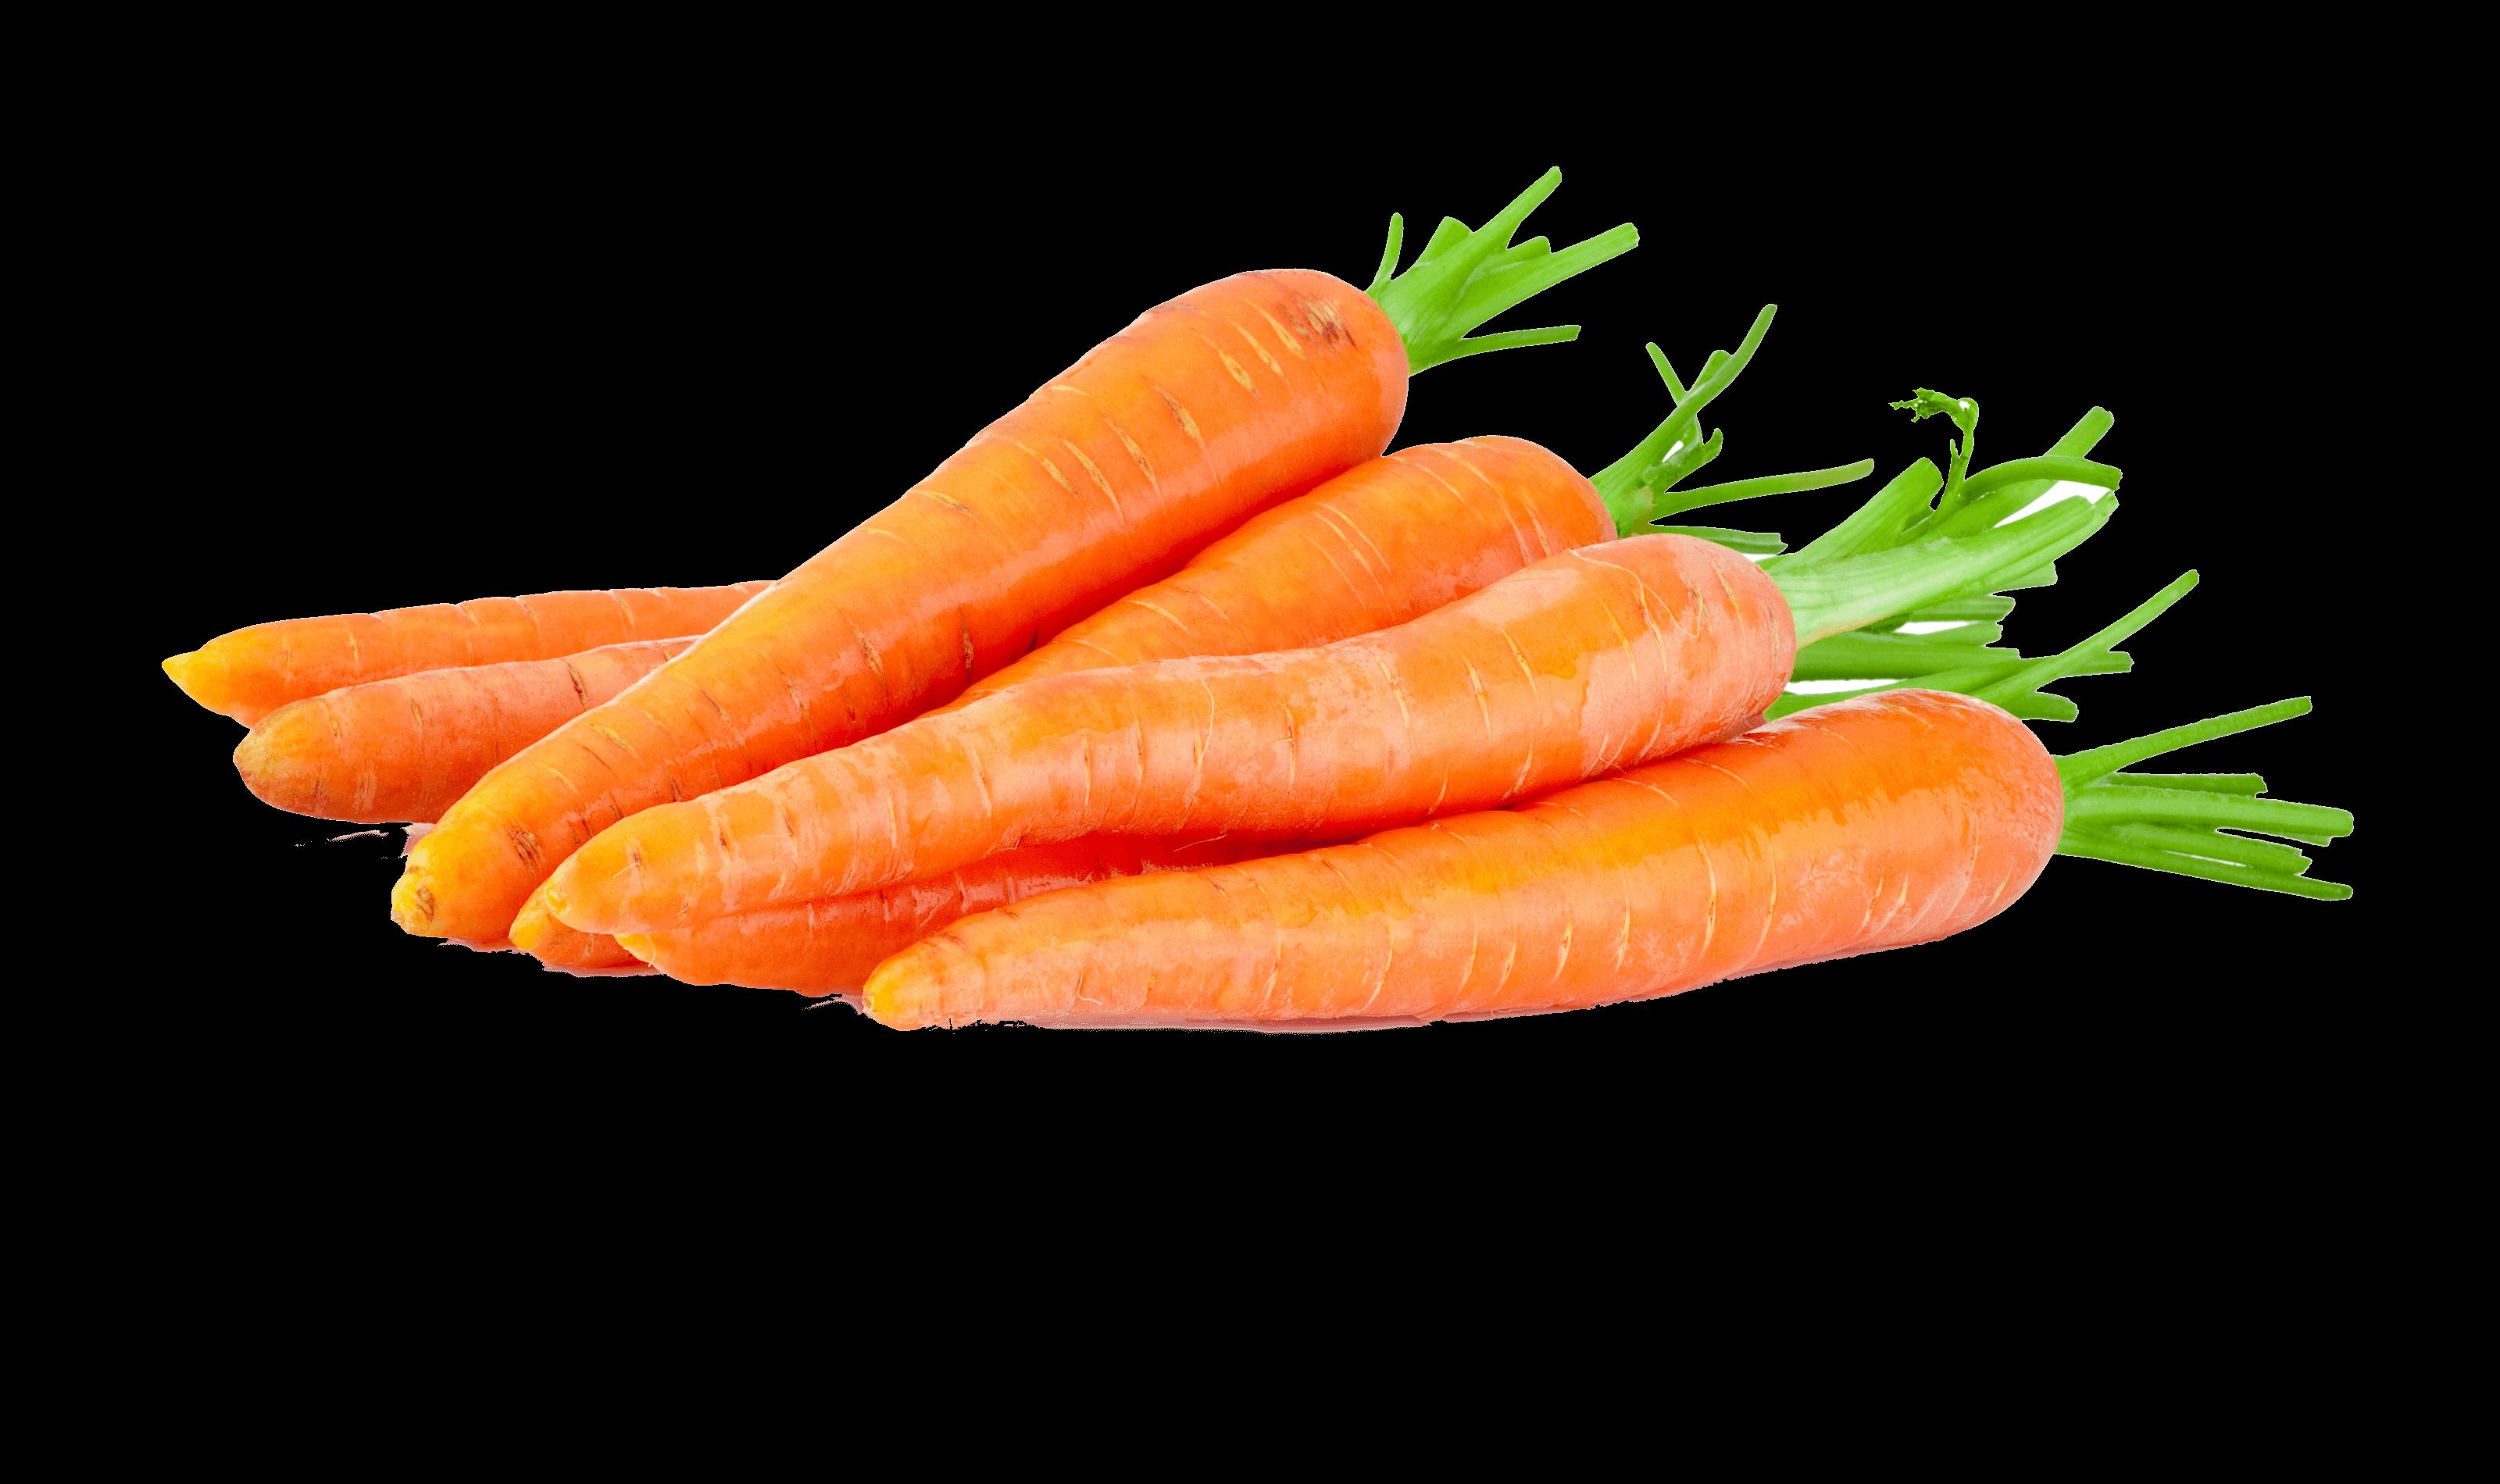 <p>Ihnen liefern wir immer frisches regionales Qualitätsgemüsein umweltschonender Verpackung<br /> </p>